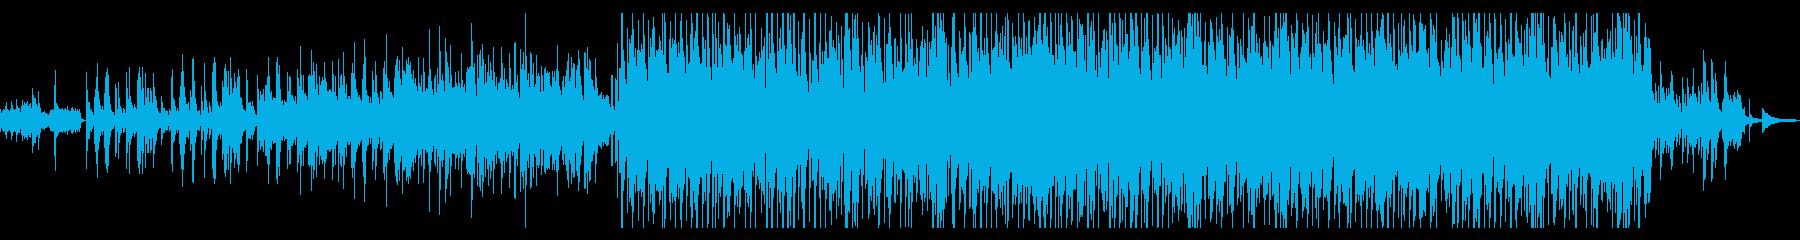 未来に希望を感じる感動的なインスト曲の再生済みの波形